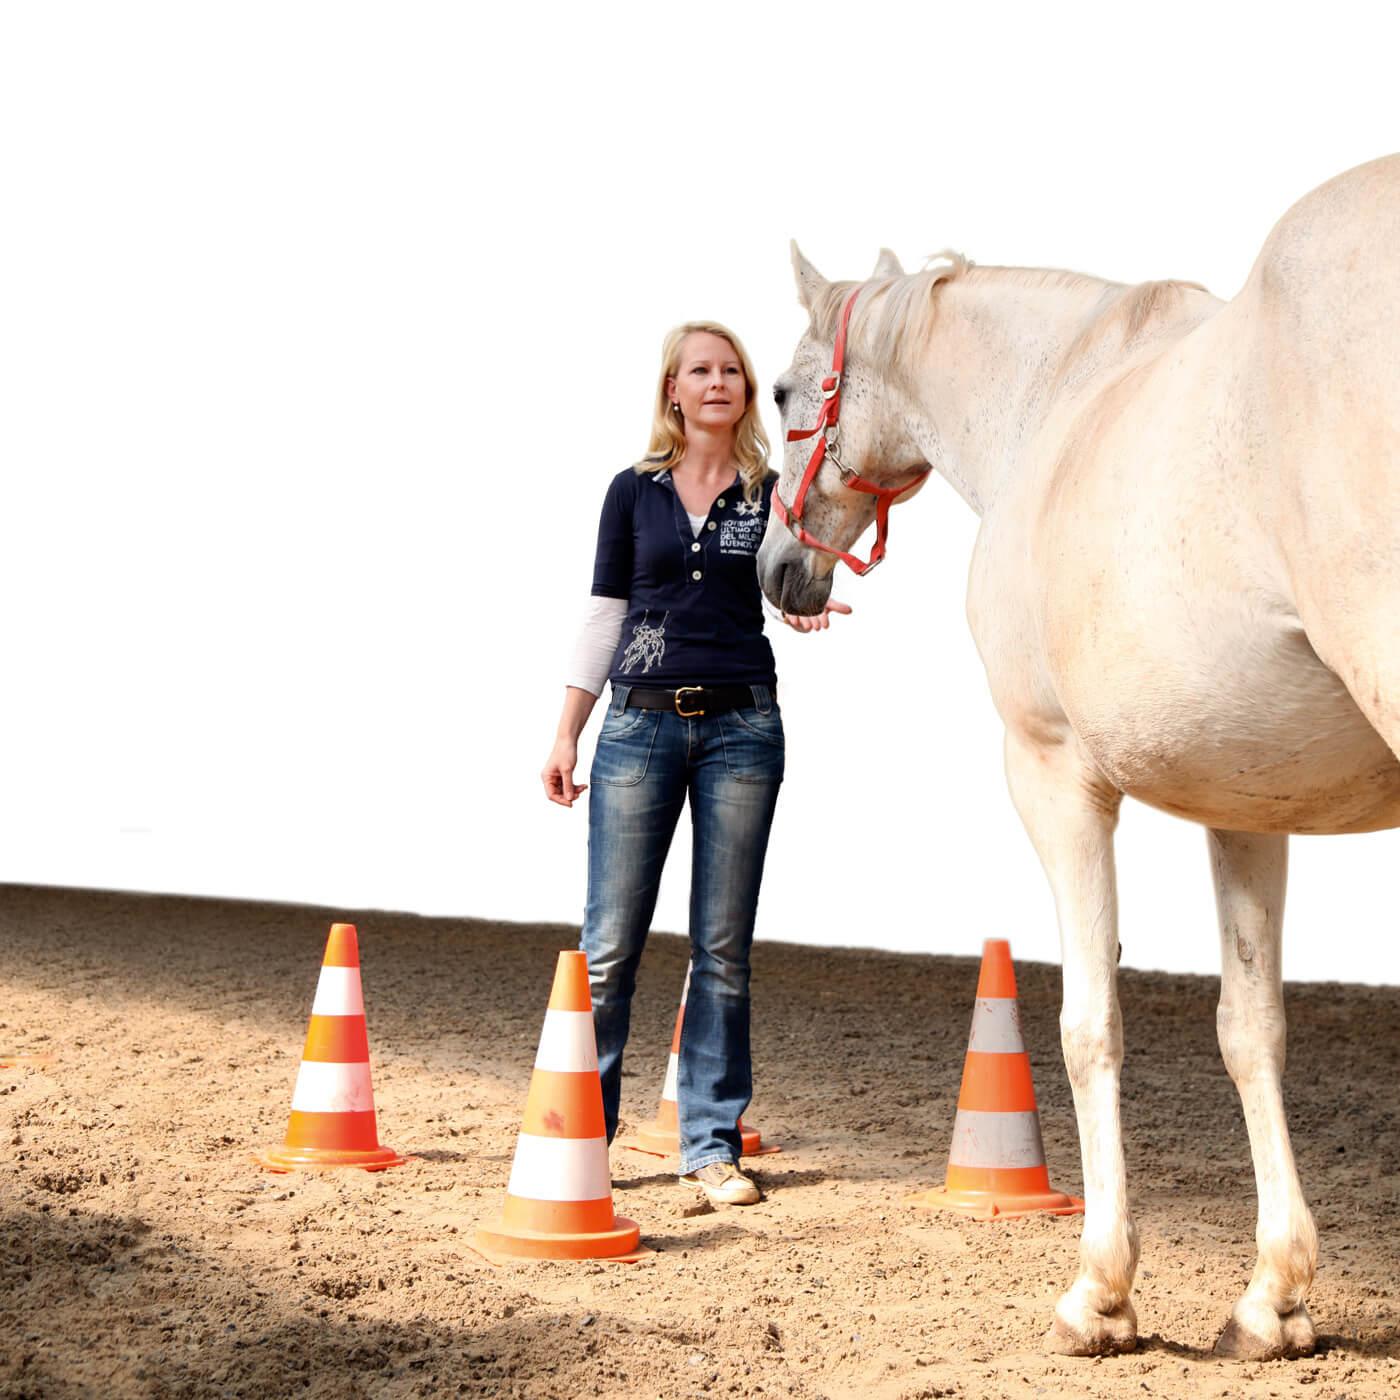 Cromme Coaching – Pferdegestützte Persönlichkeitsentwicklung: Persönliche Ressourcen, Stärken und Potentiale werden durch Pferdecoaching sichtbar gemacht und gefördert.